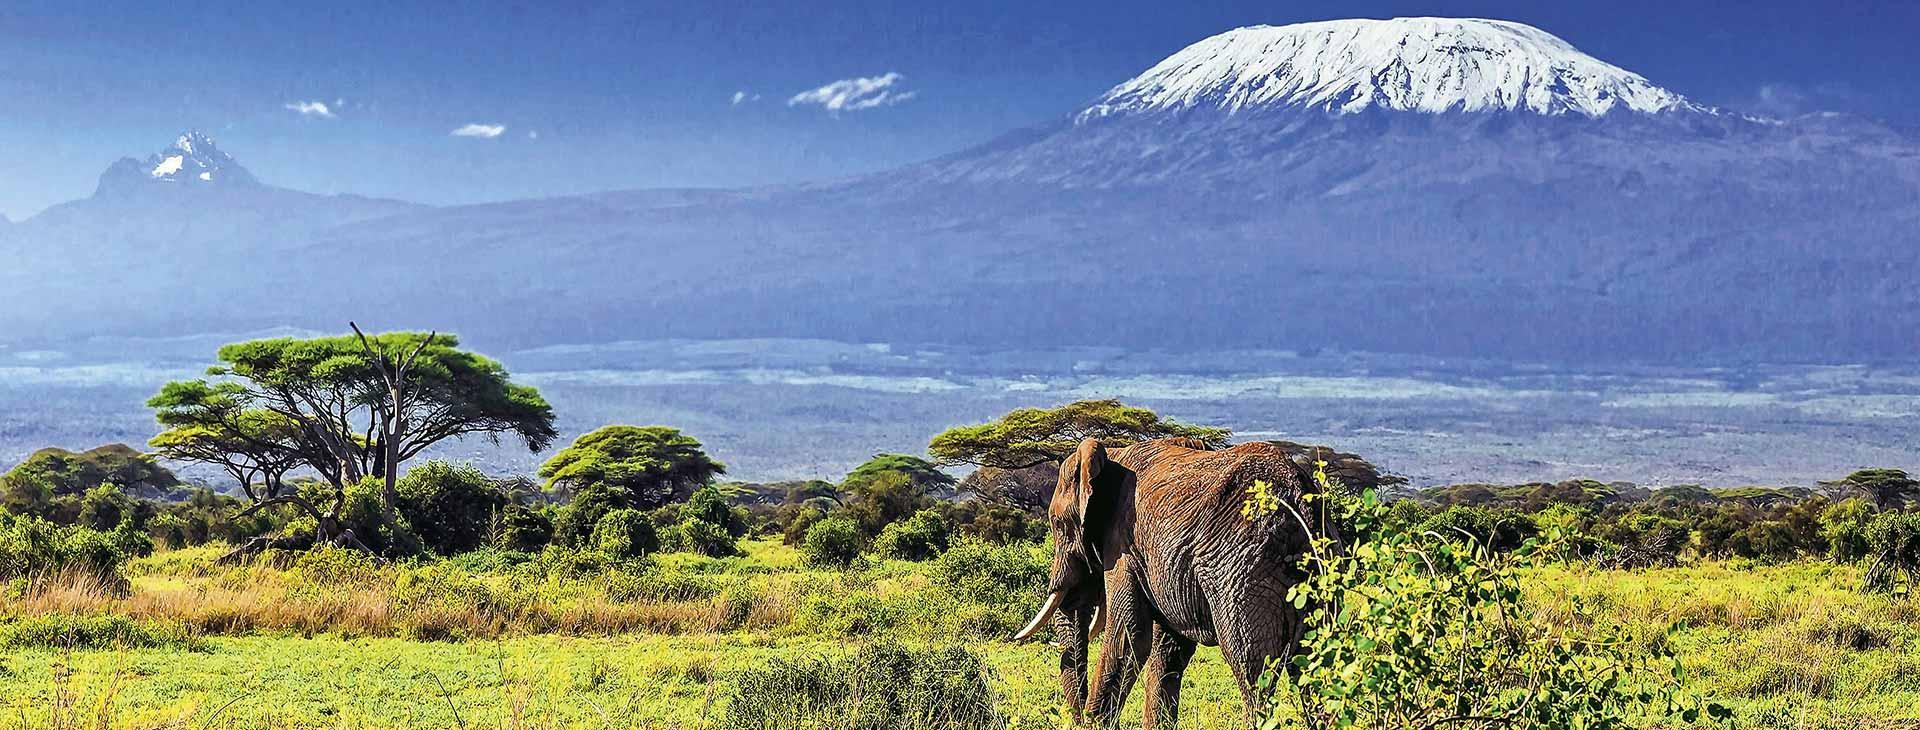 Powitanie z Afryką / Southern Palms Kenia, Wyc. objazdowe